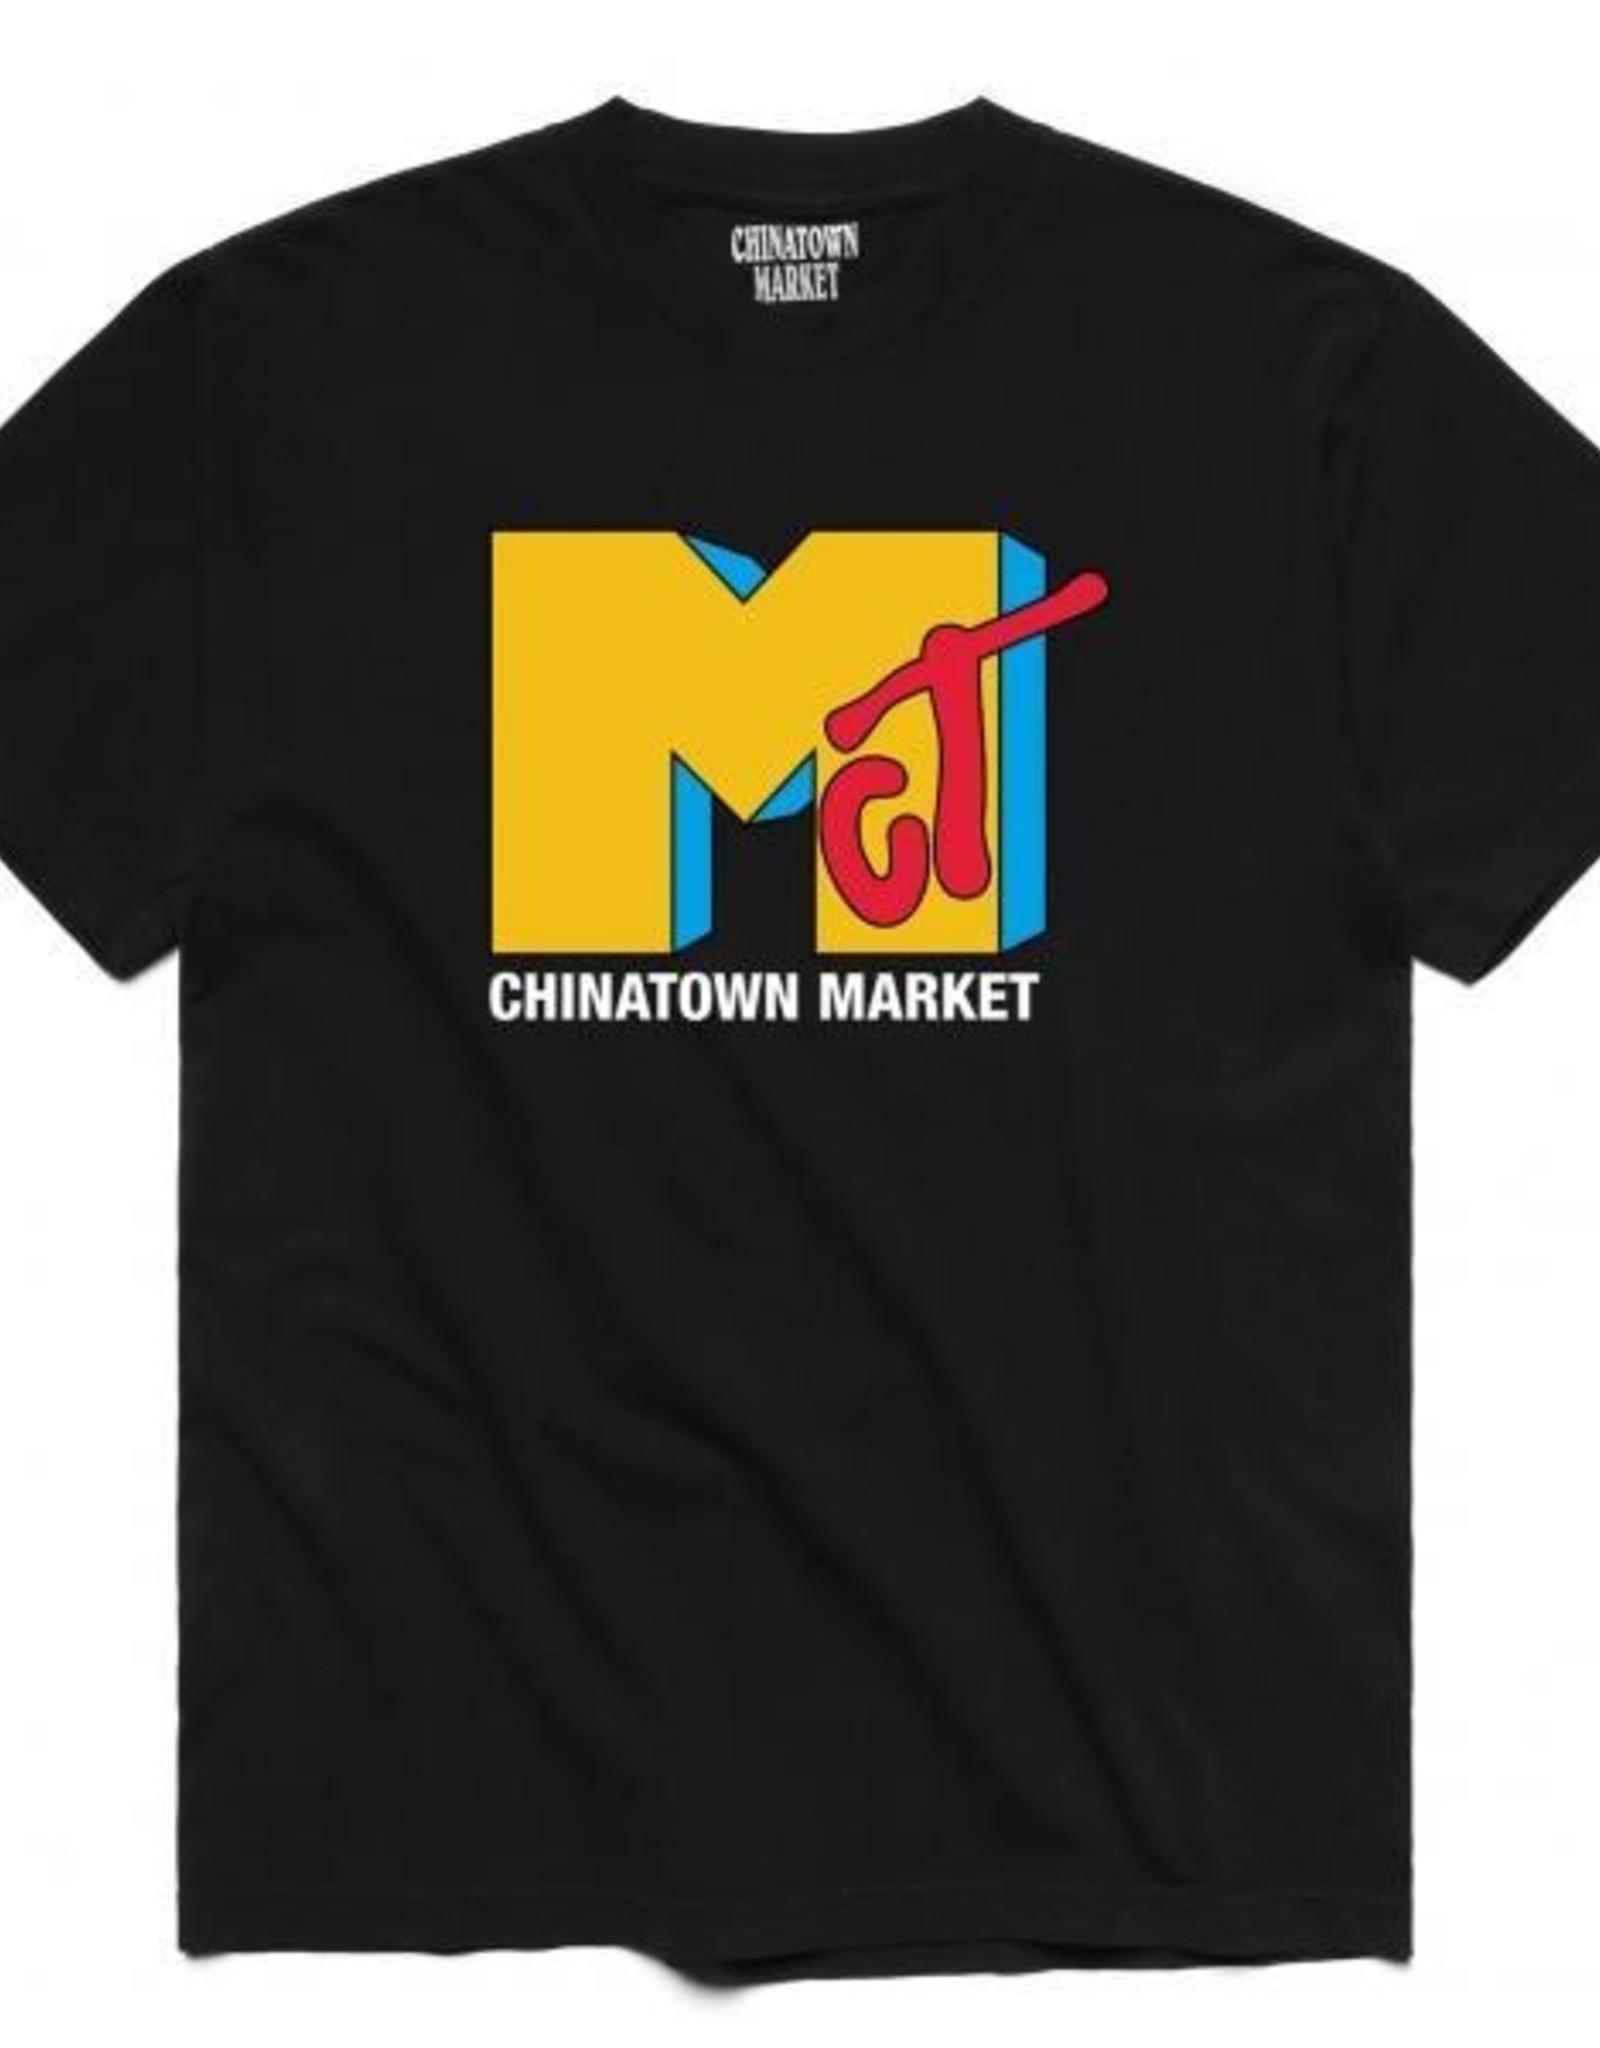 CHINATOWN MARKET CHINATOWN MARKET T.V. TEE - BLACK